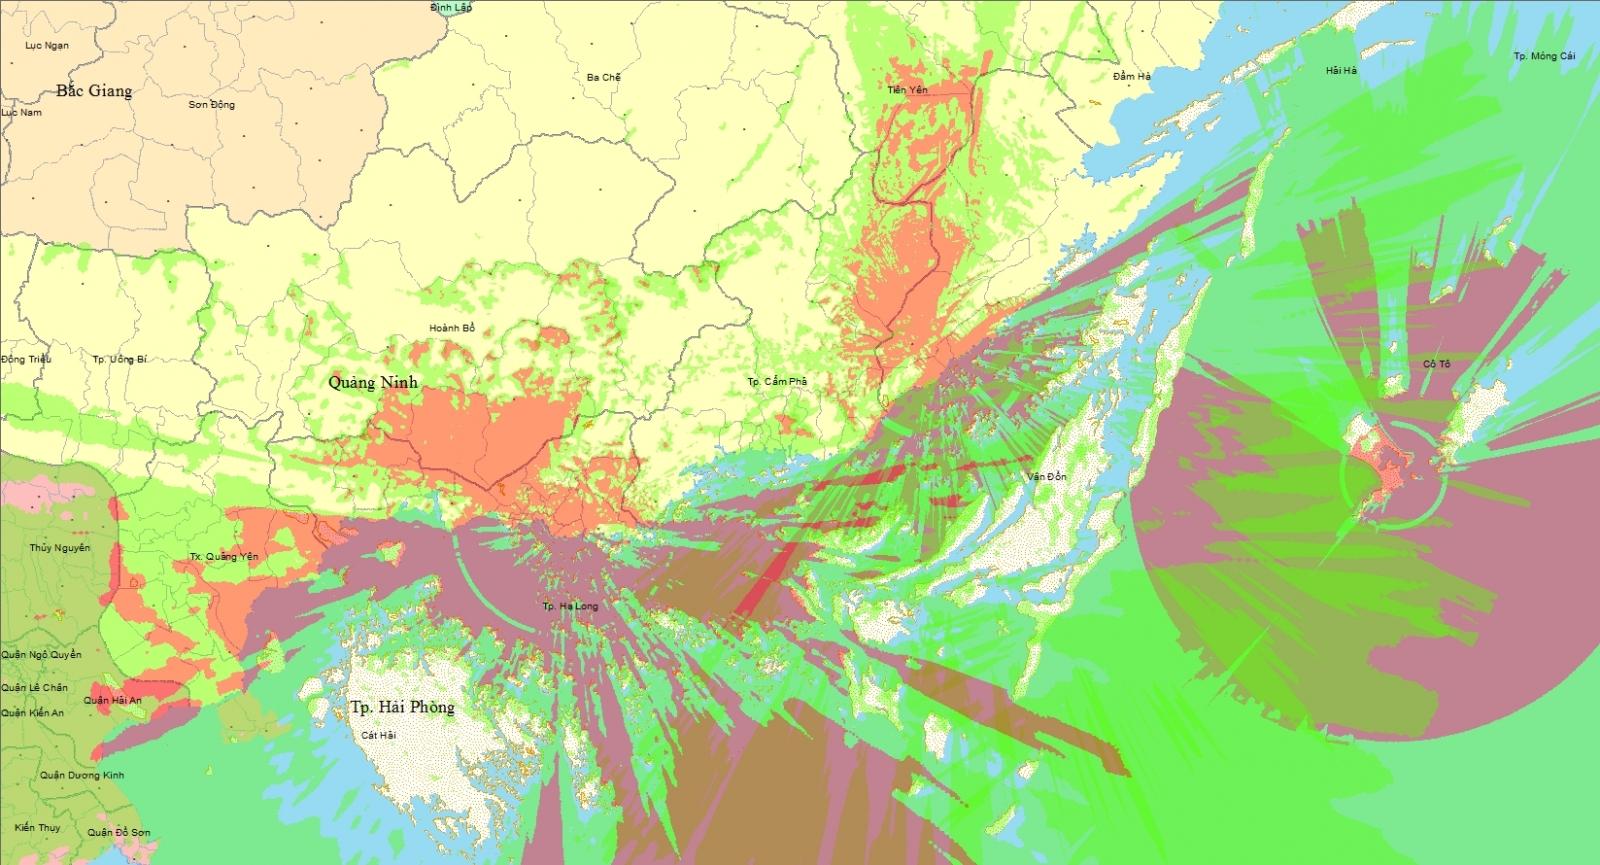 Bản đồ vùng phủ sóng kỹ thuật số DVB - T2 Quảng Ninh